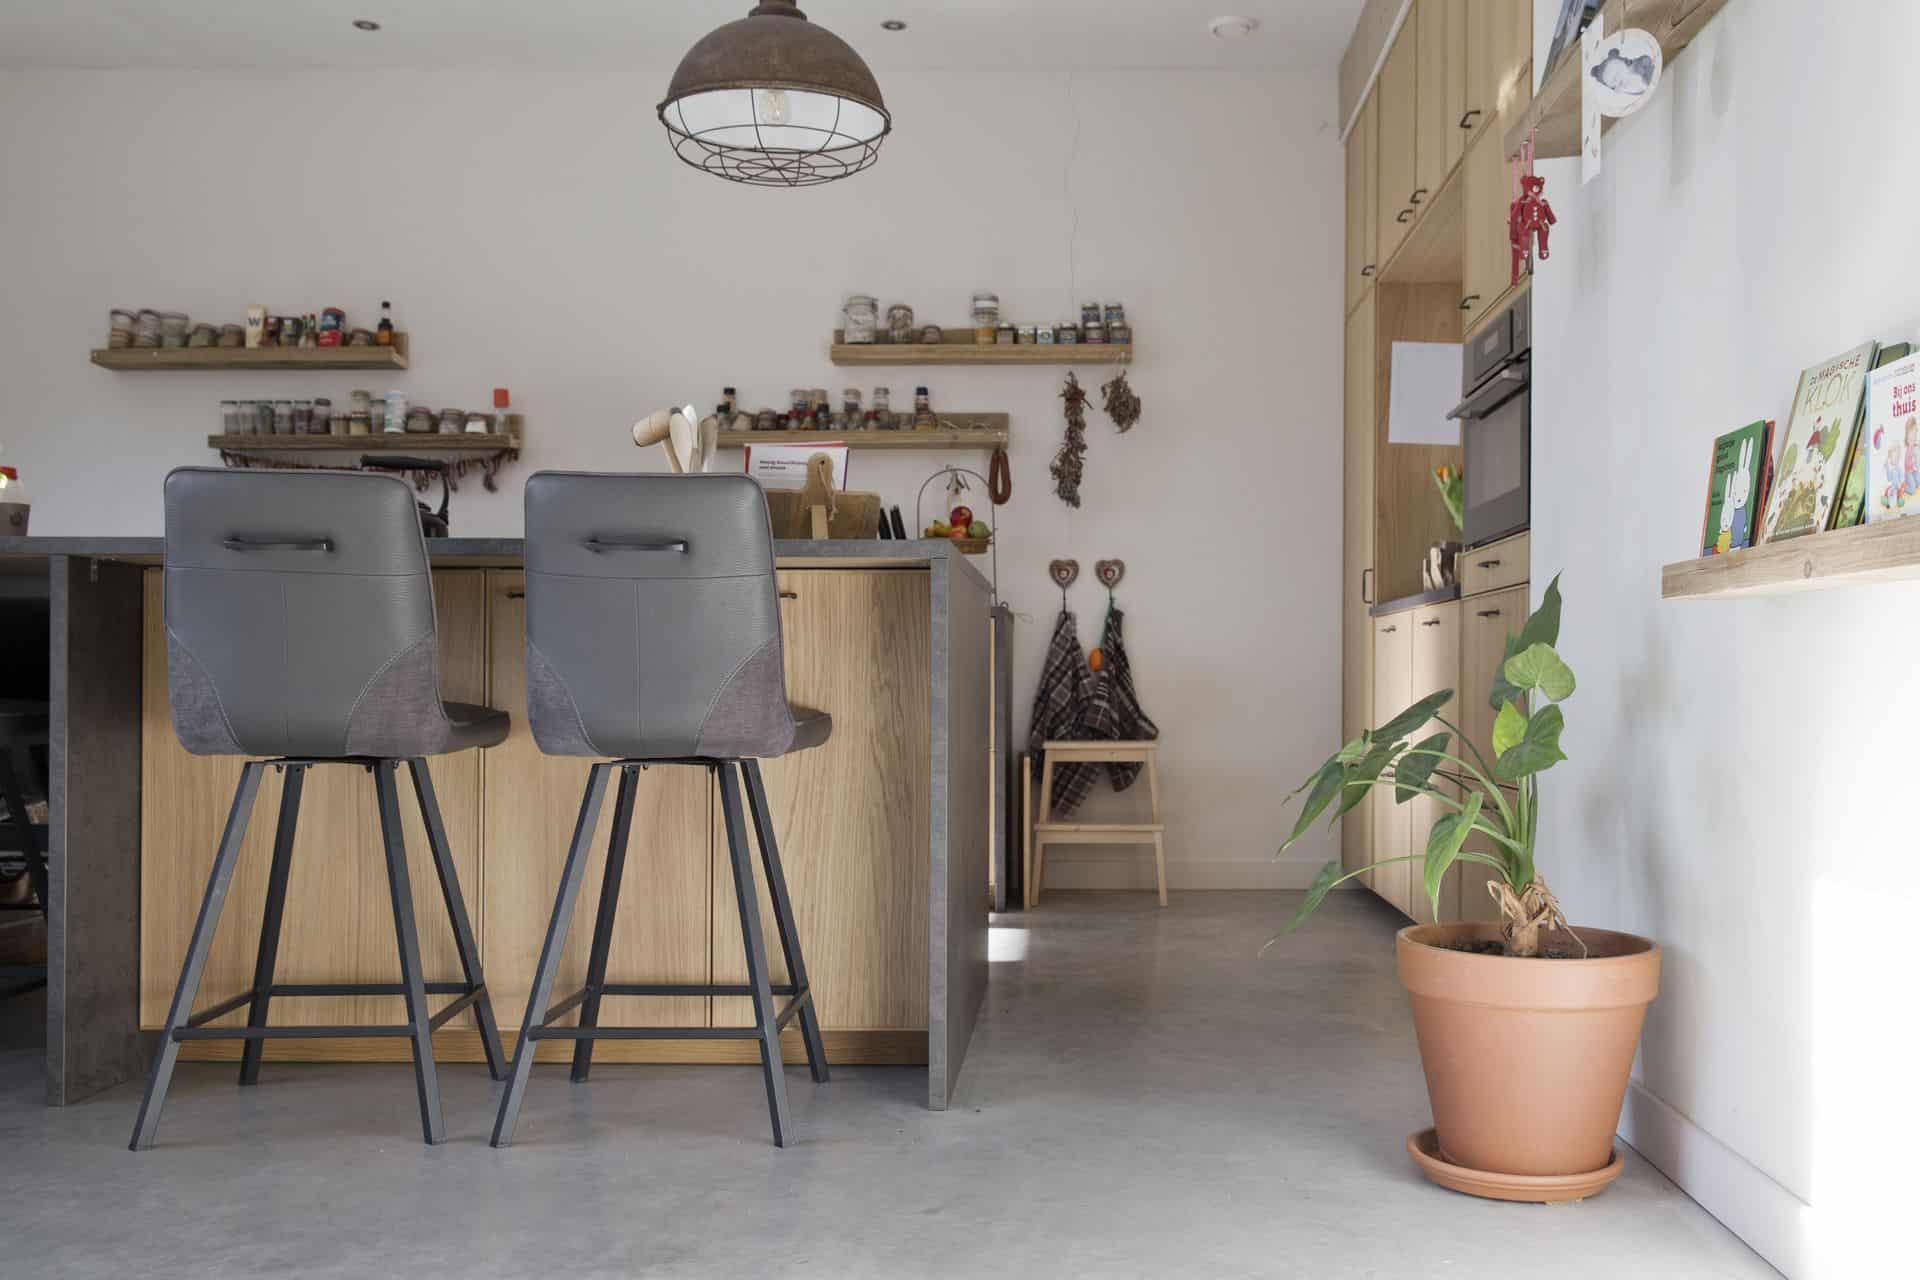 gepolierde betonvloer, gepolierd beton